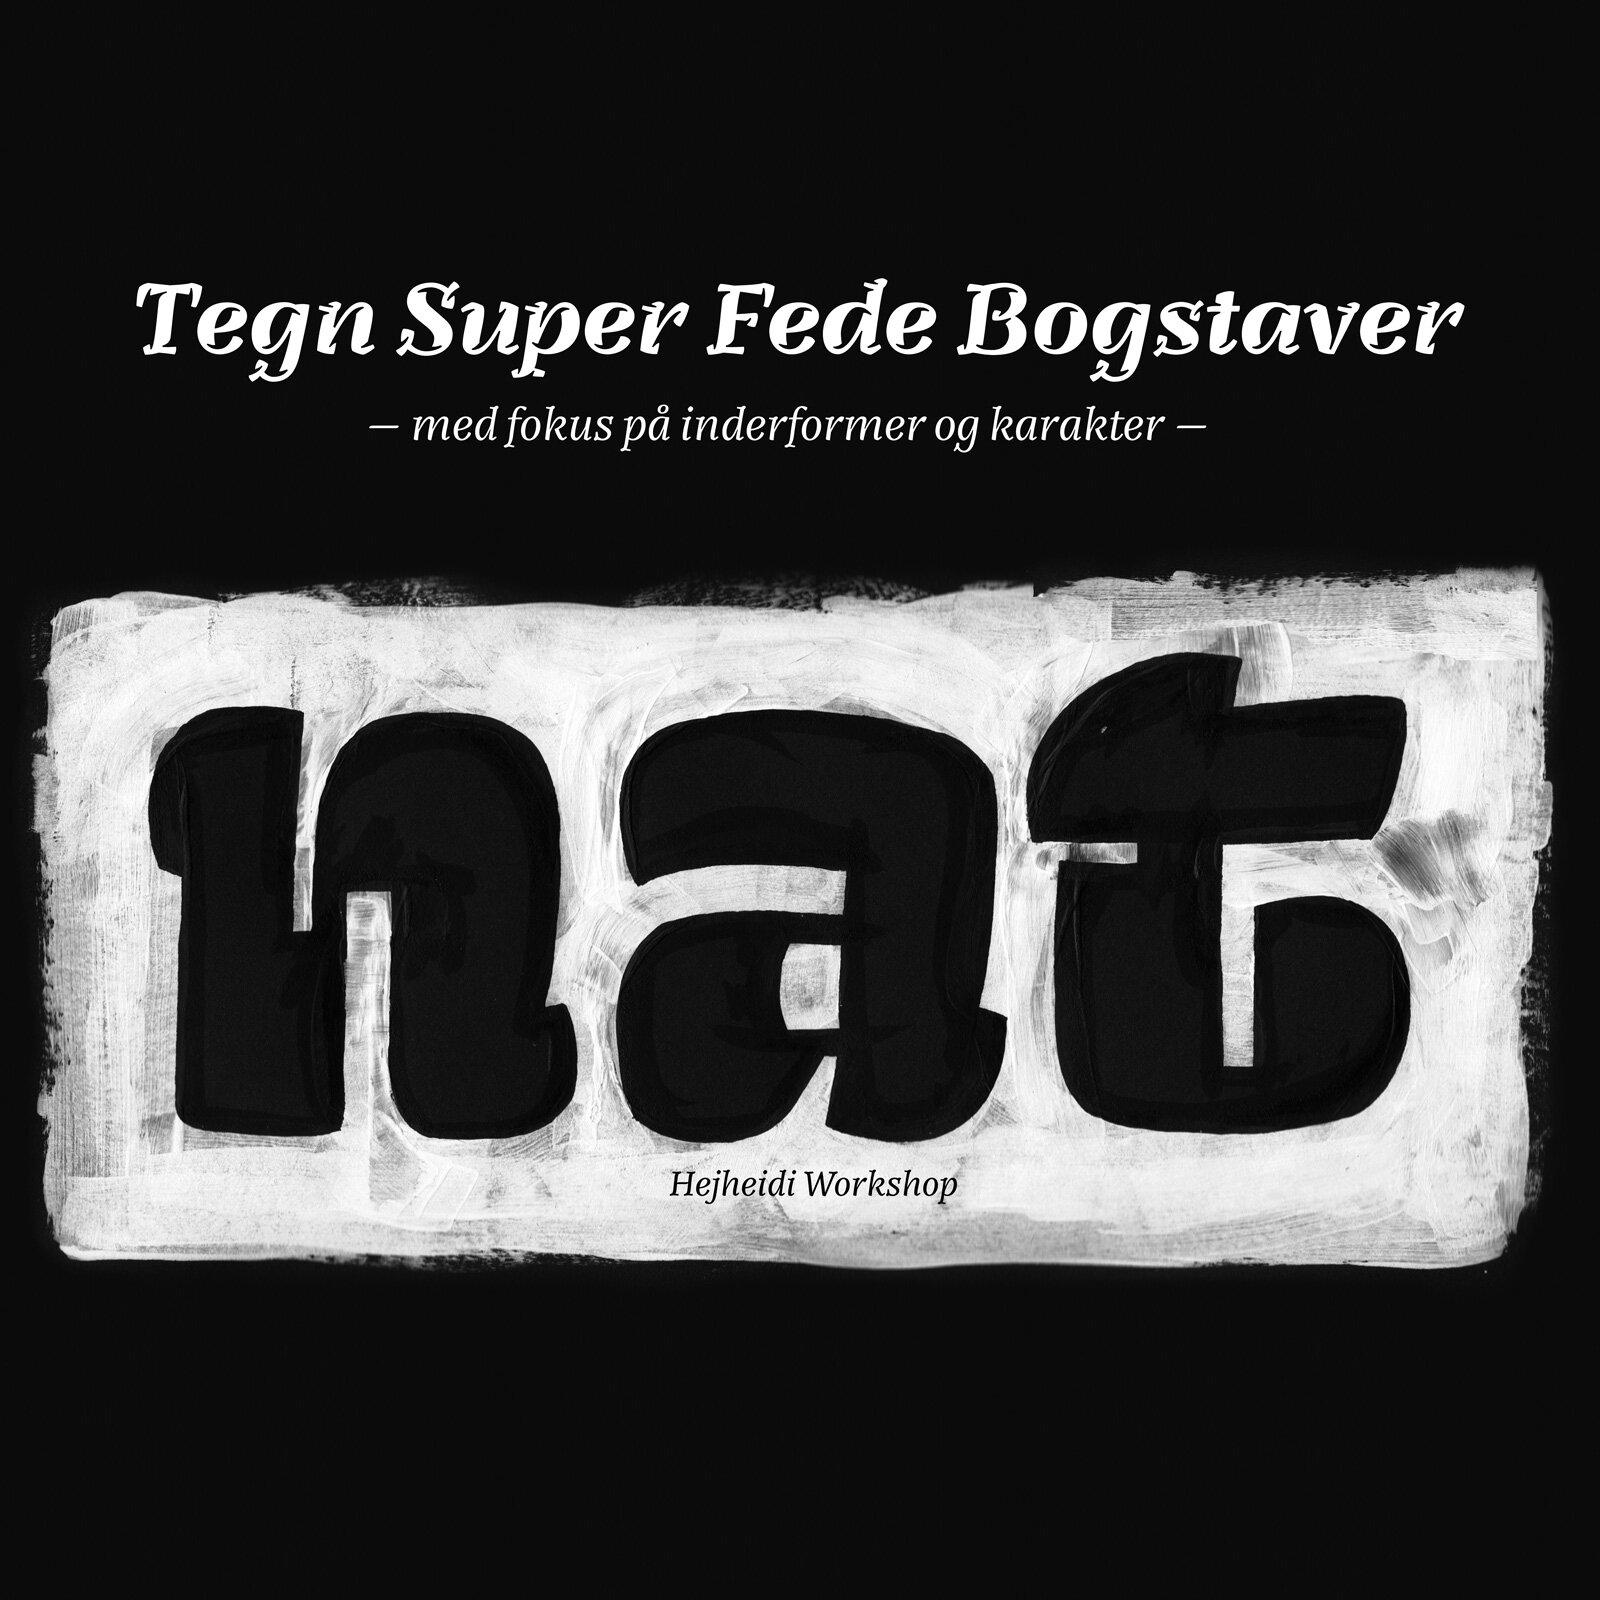 Tegn Super Fede Bogstaver – Kreativ Hejheidi Workshop